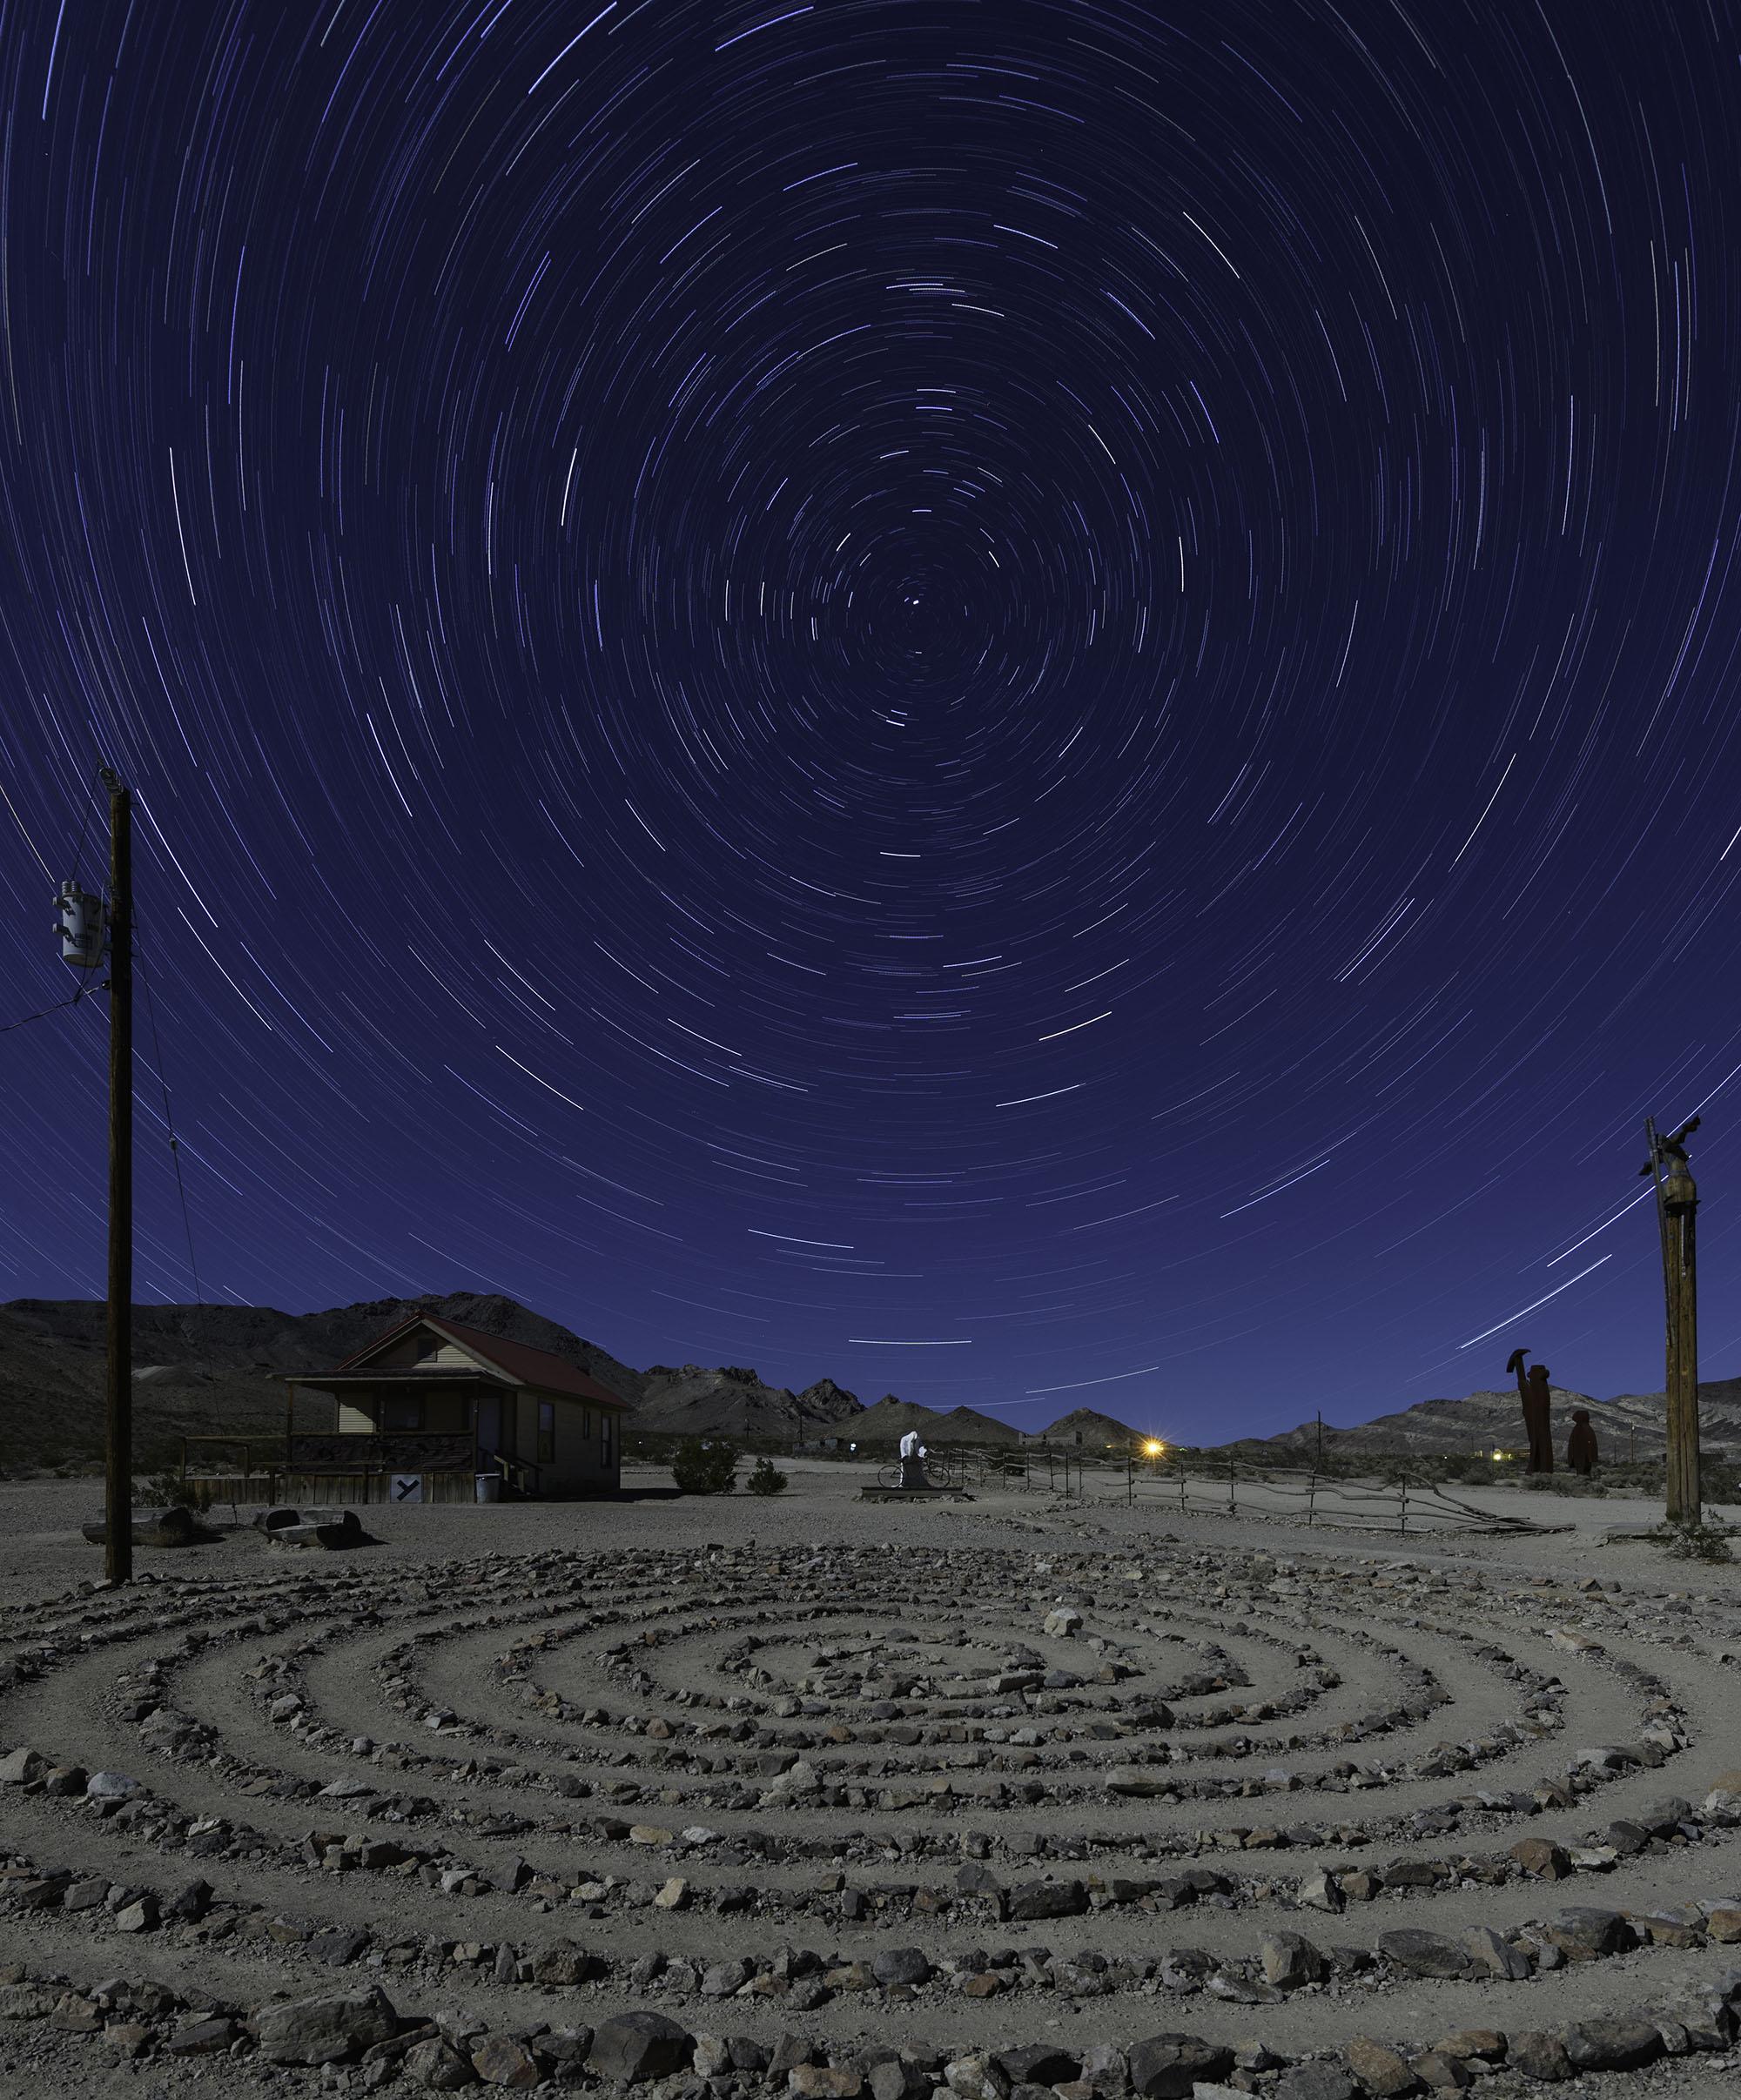 star circles_CBS4192-2-E.jpg